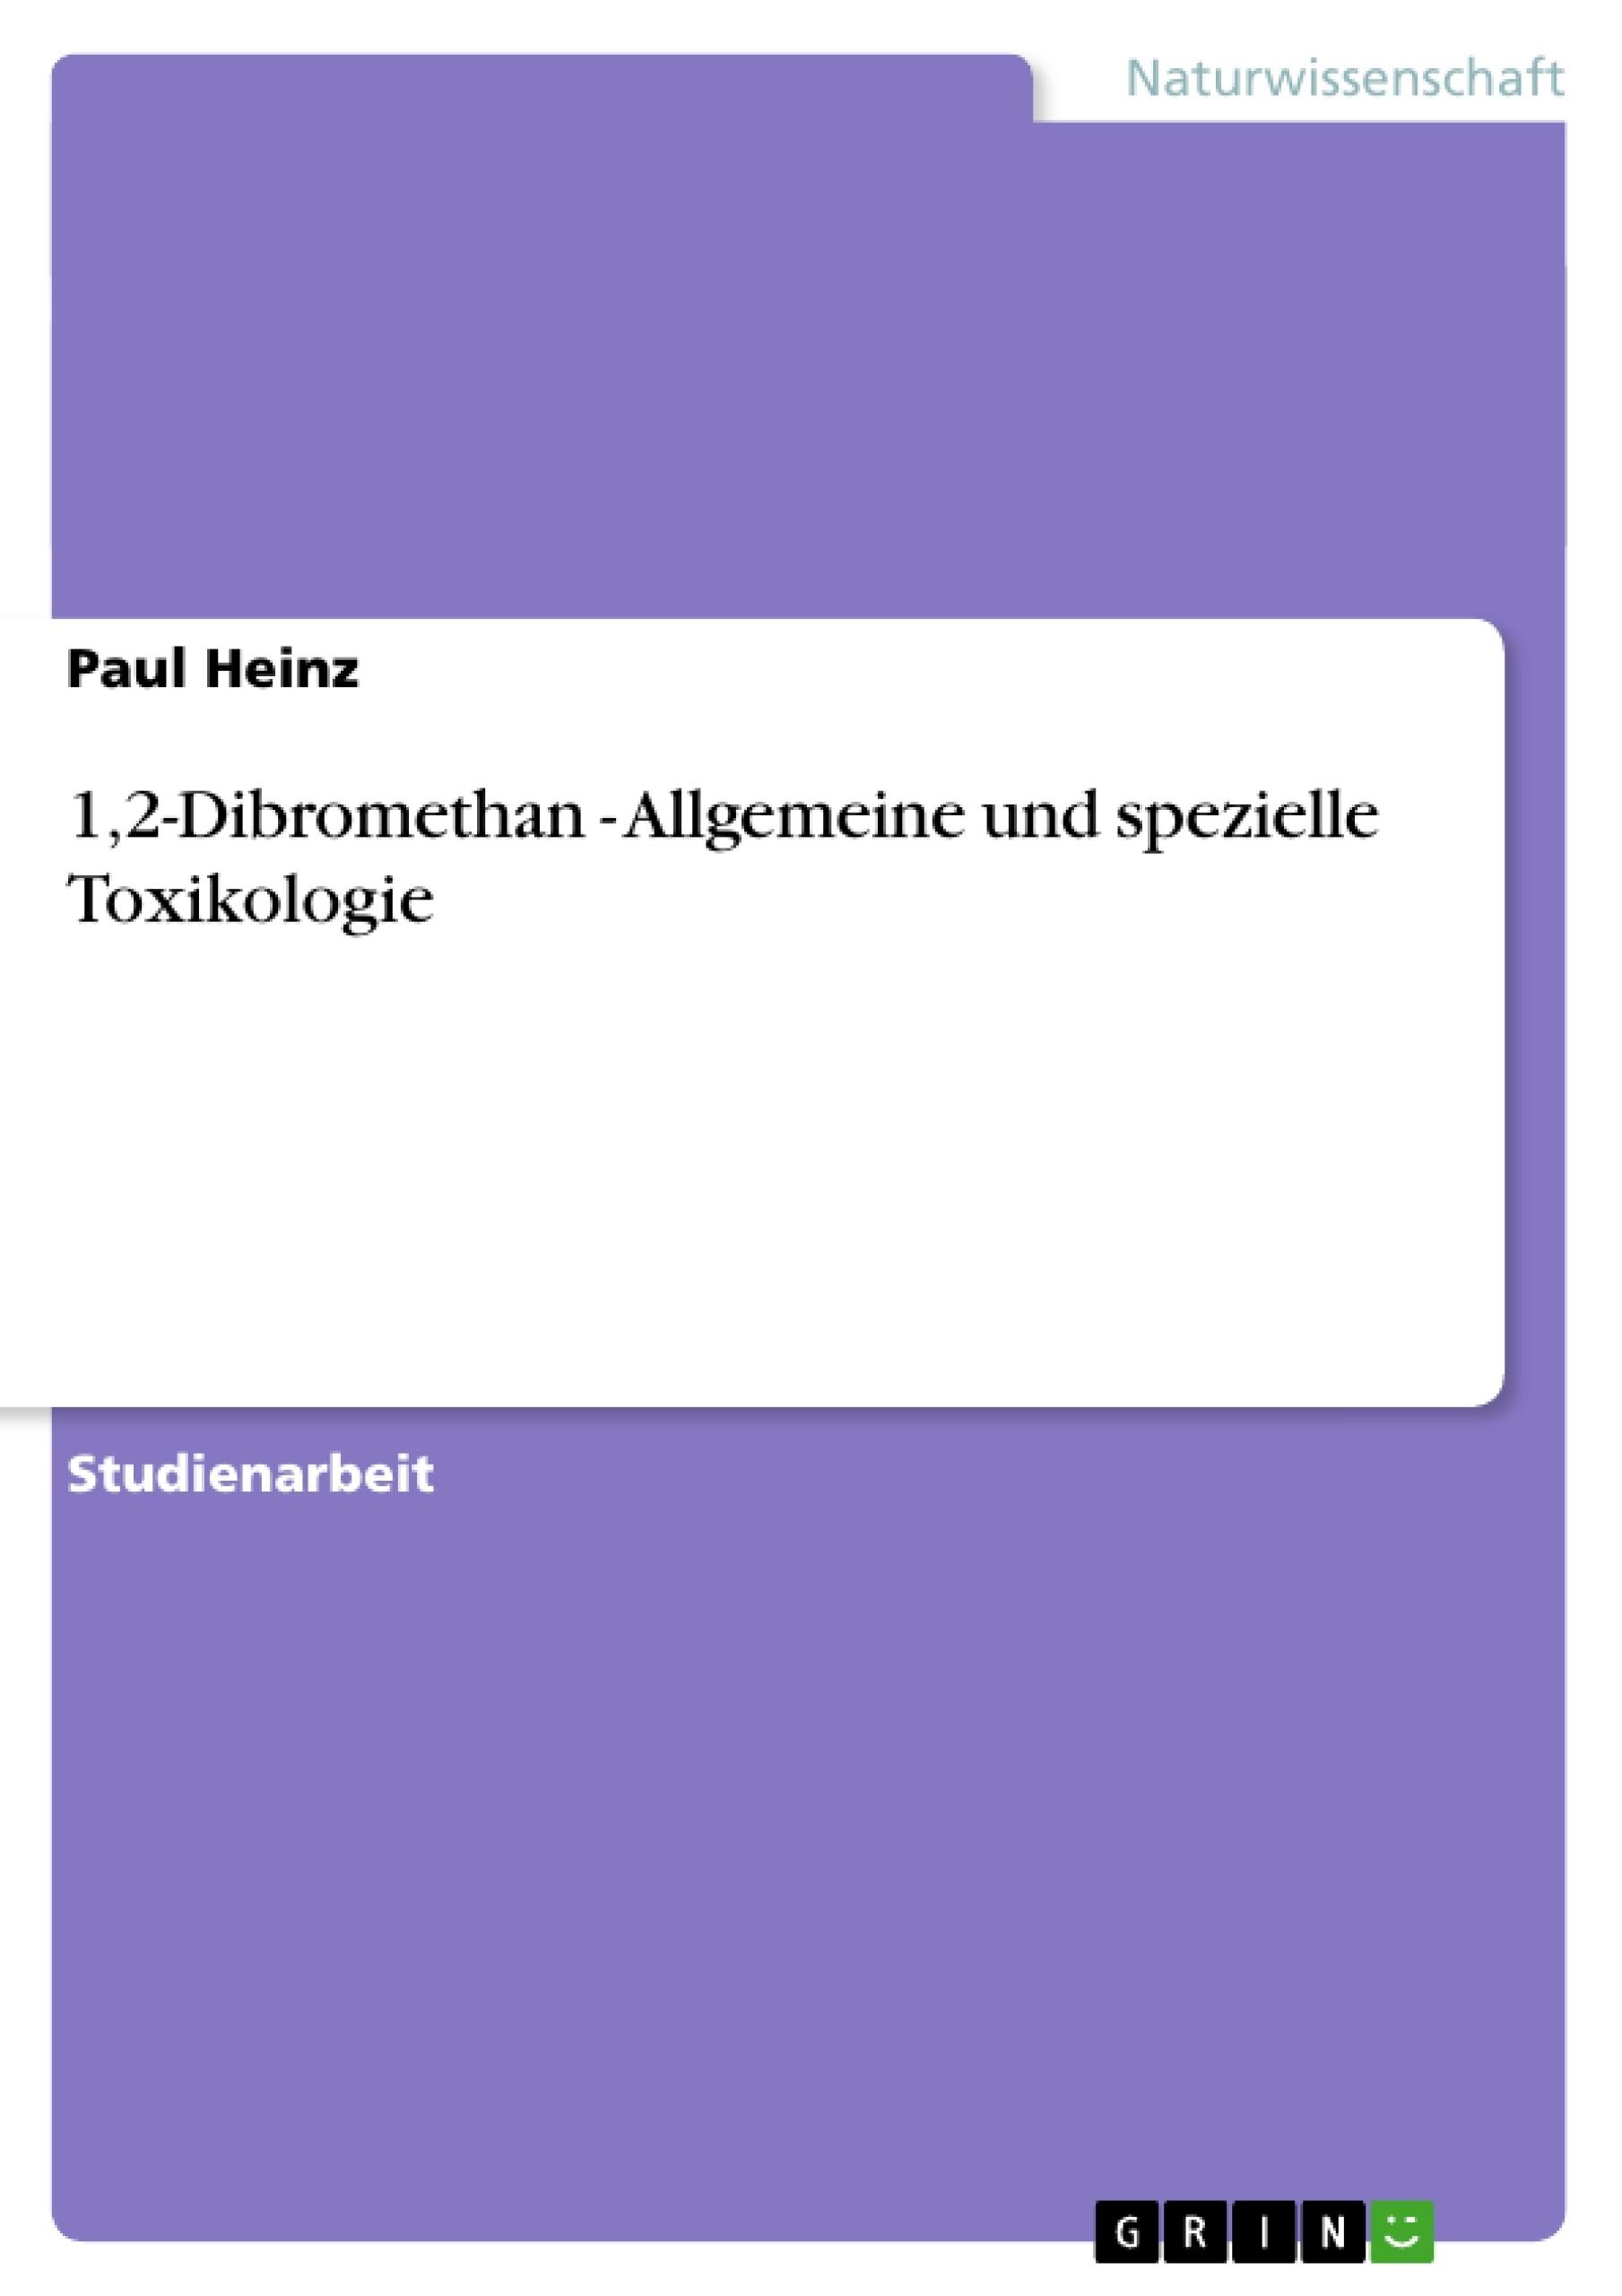 Titel: 1,2-Dibromethan - Allgemeine und spezielle Toxikologie